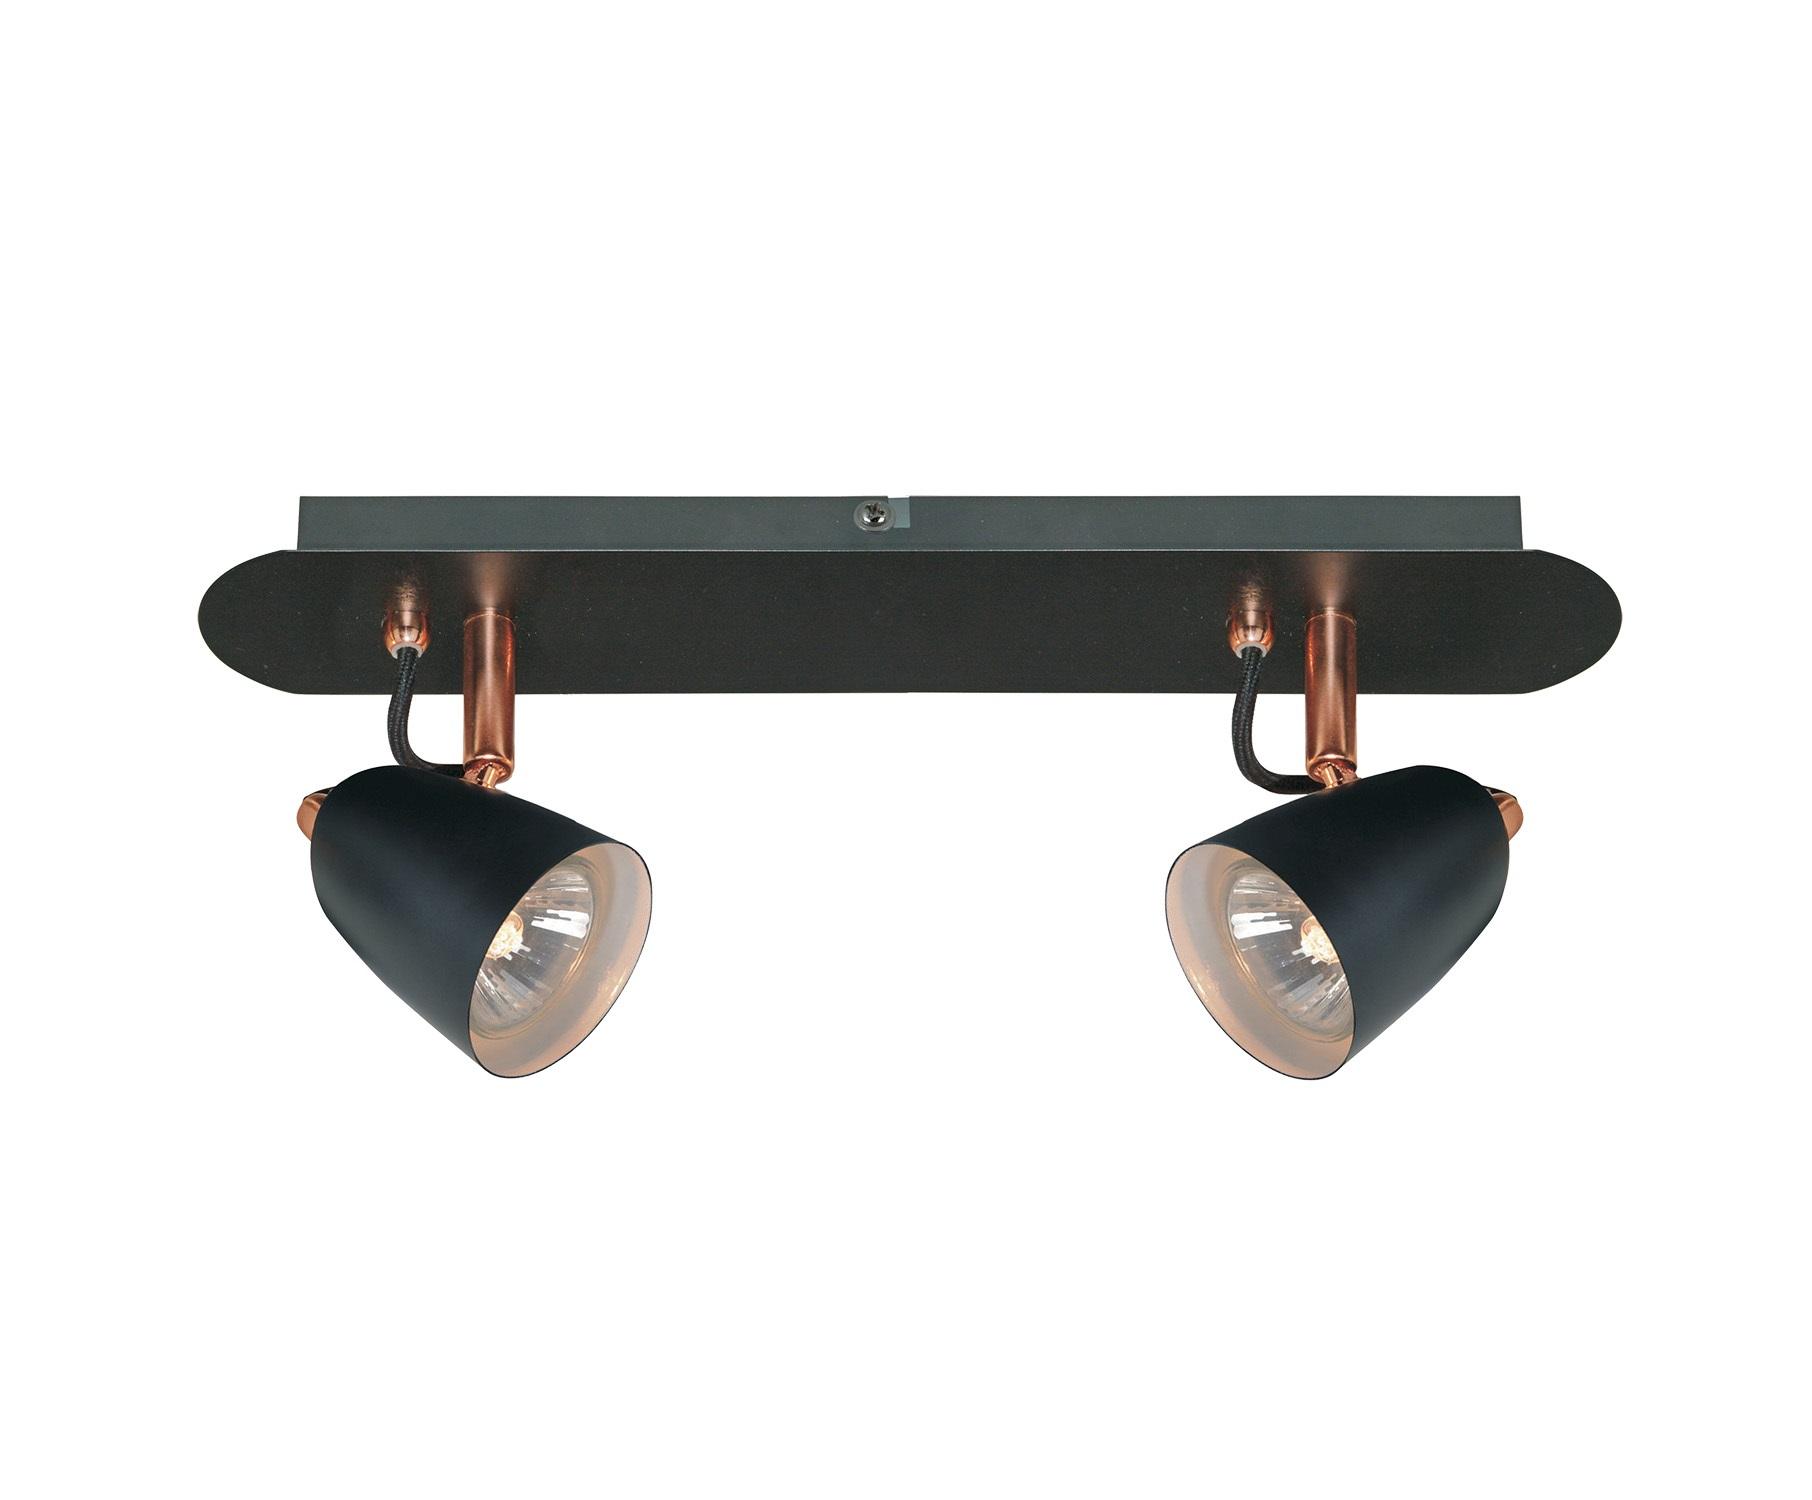 Настенно-потолочный светильникСпоты<br>&amp;lt;div&amp;gt;Вид цоколя: GU10&amp;lt;/div&amp;gt;&amp;lt;div&amp;gt;Мощность: &amp;amp;nbsp;50W&amp;lt;/div&amp;gt;&amp;lt;div&amp;gt;Количество ламп: 2 (есть в комплекте)&amp;lt;/div&amp;gt;<br><br>Material: Металл<br>Length см: None<br>Width см: 35<br>Depth см: 7<br>Height см: 15